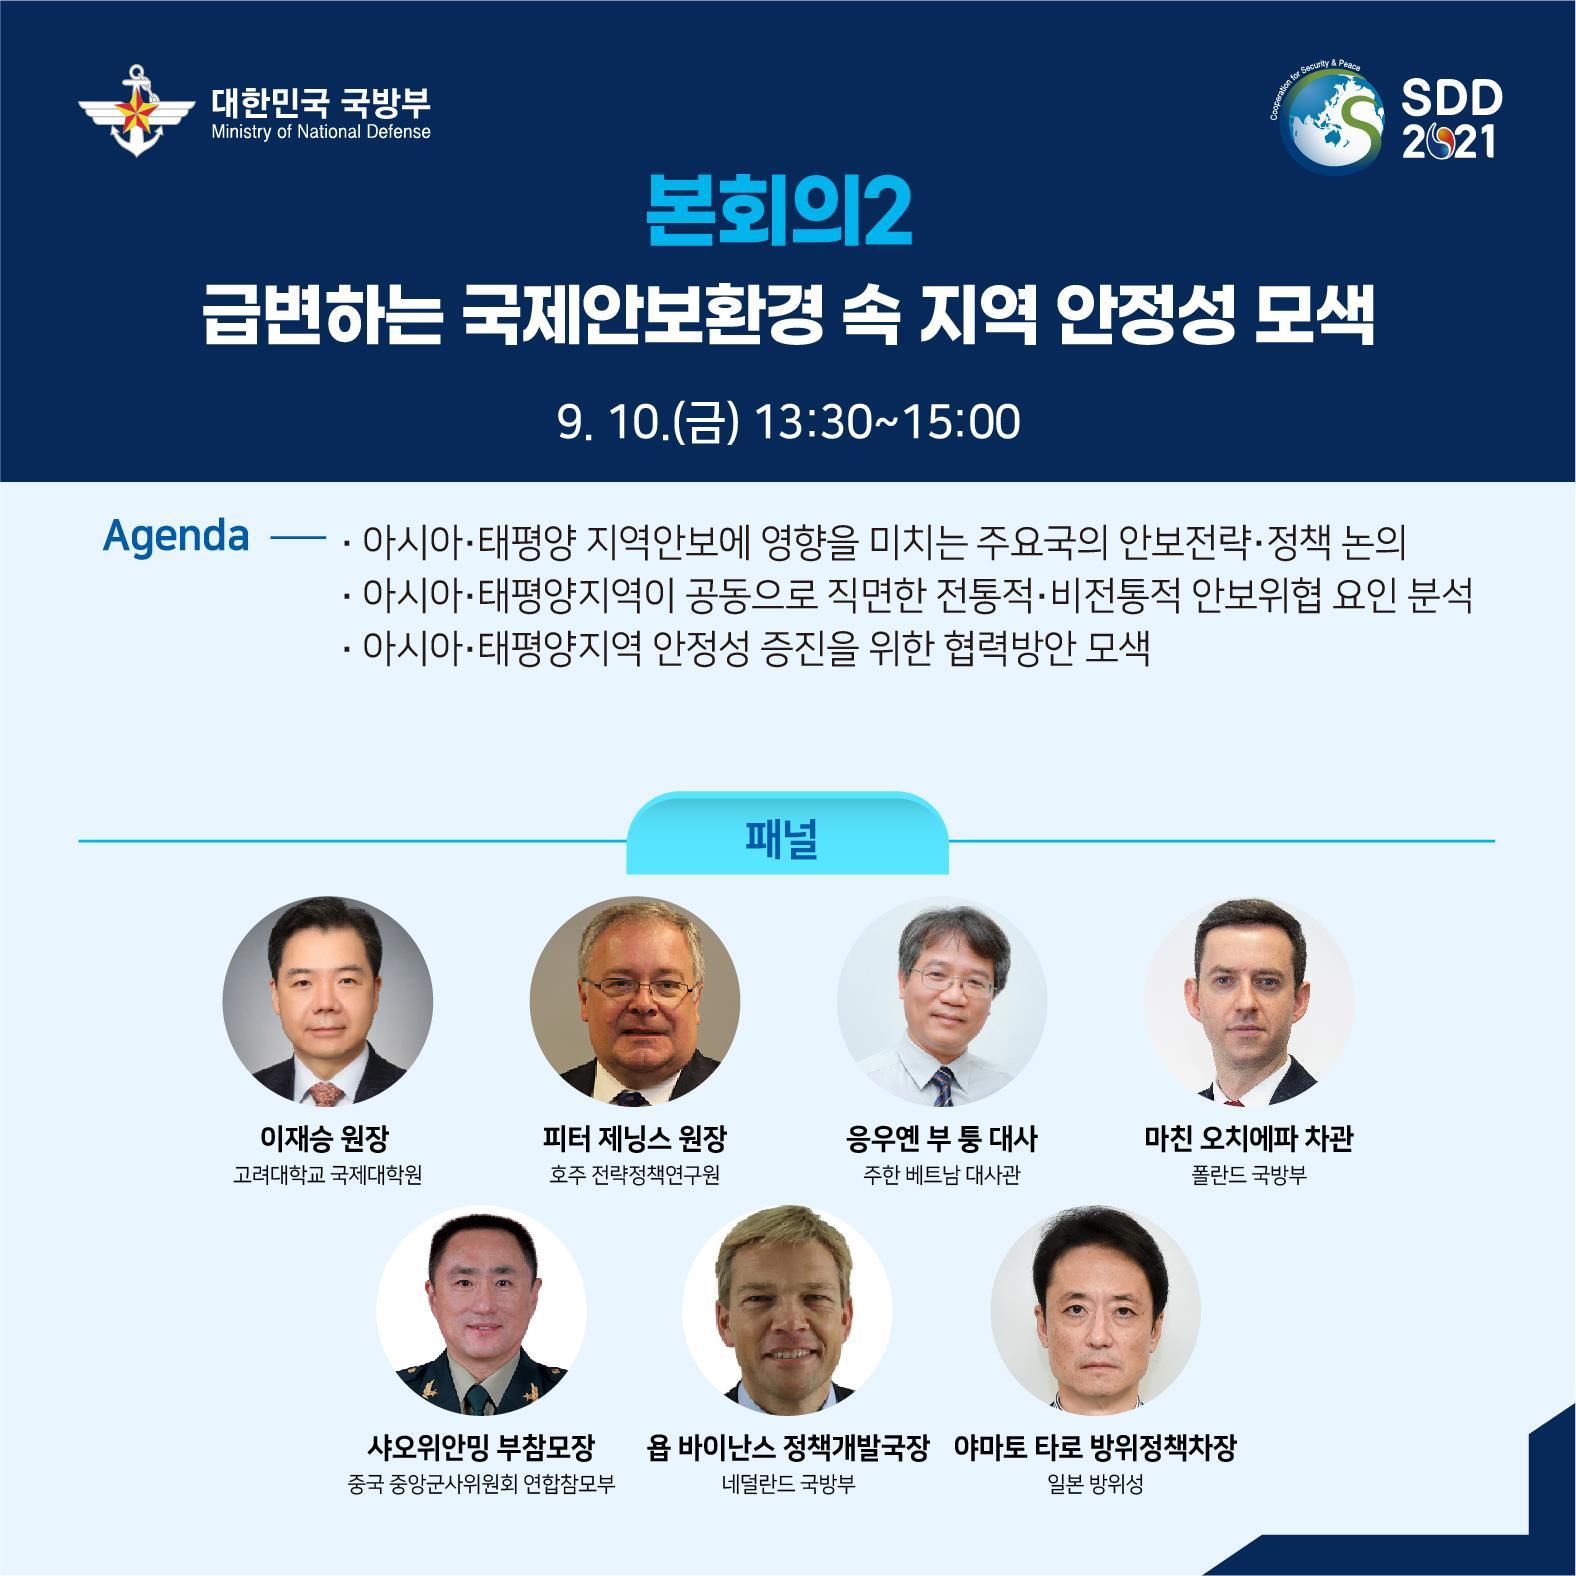 2021 서울안보대화 소개 카드뉴스